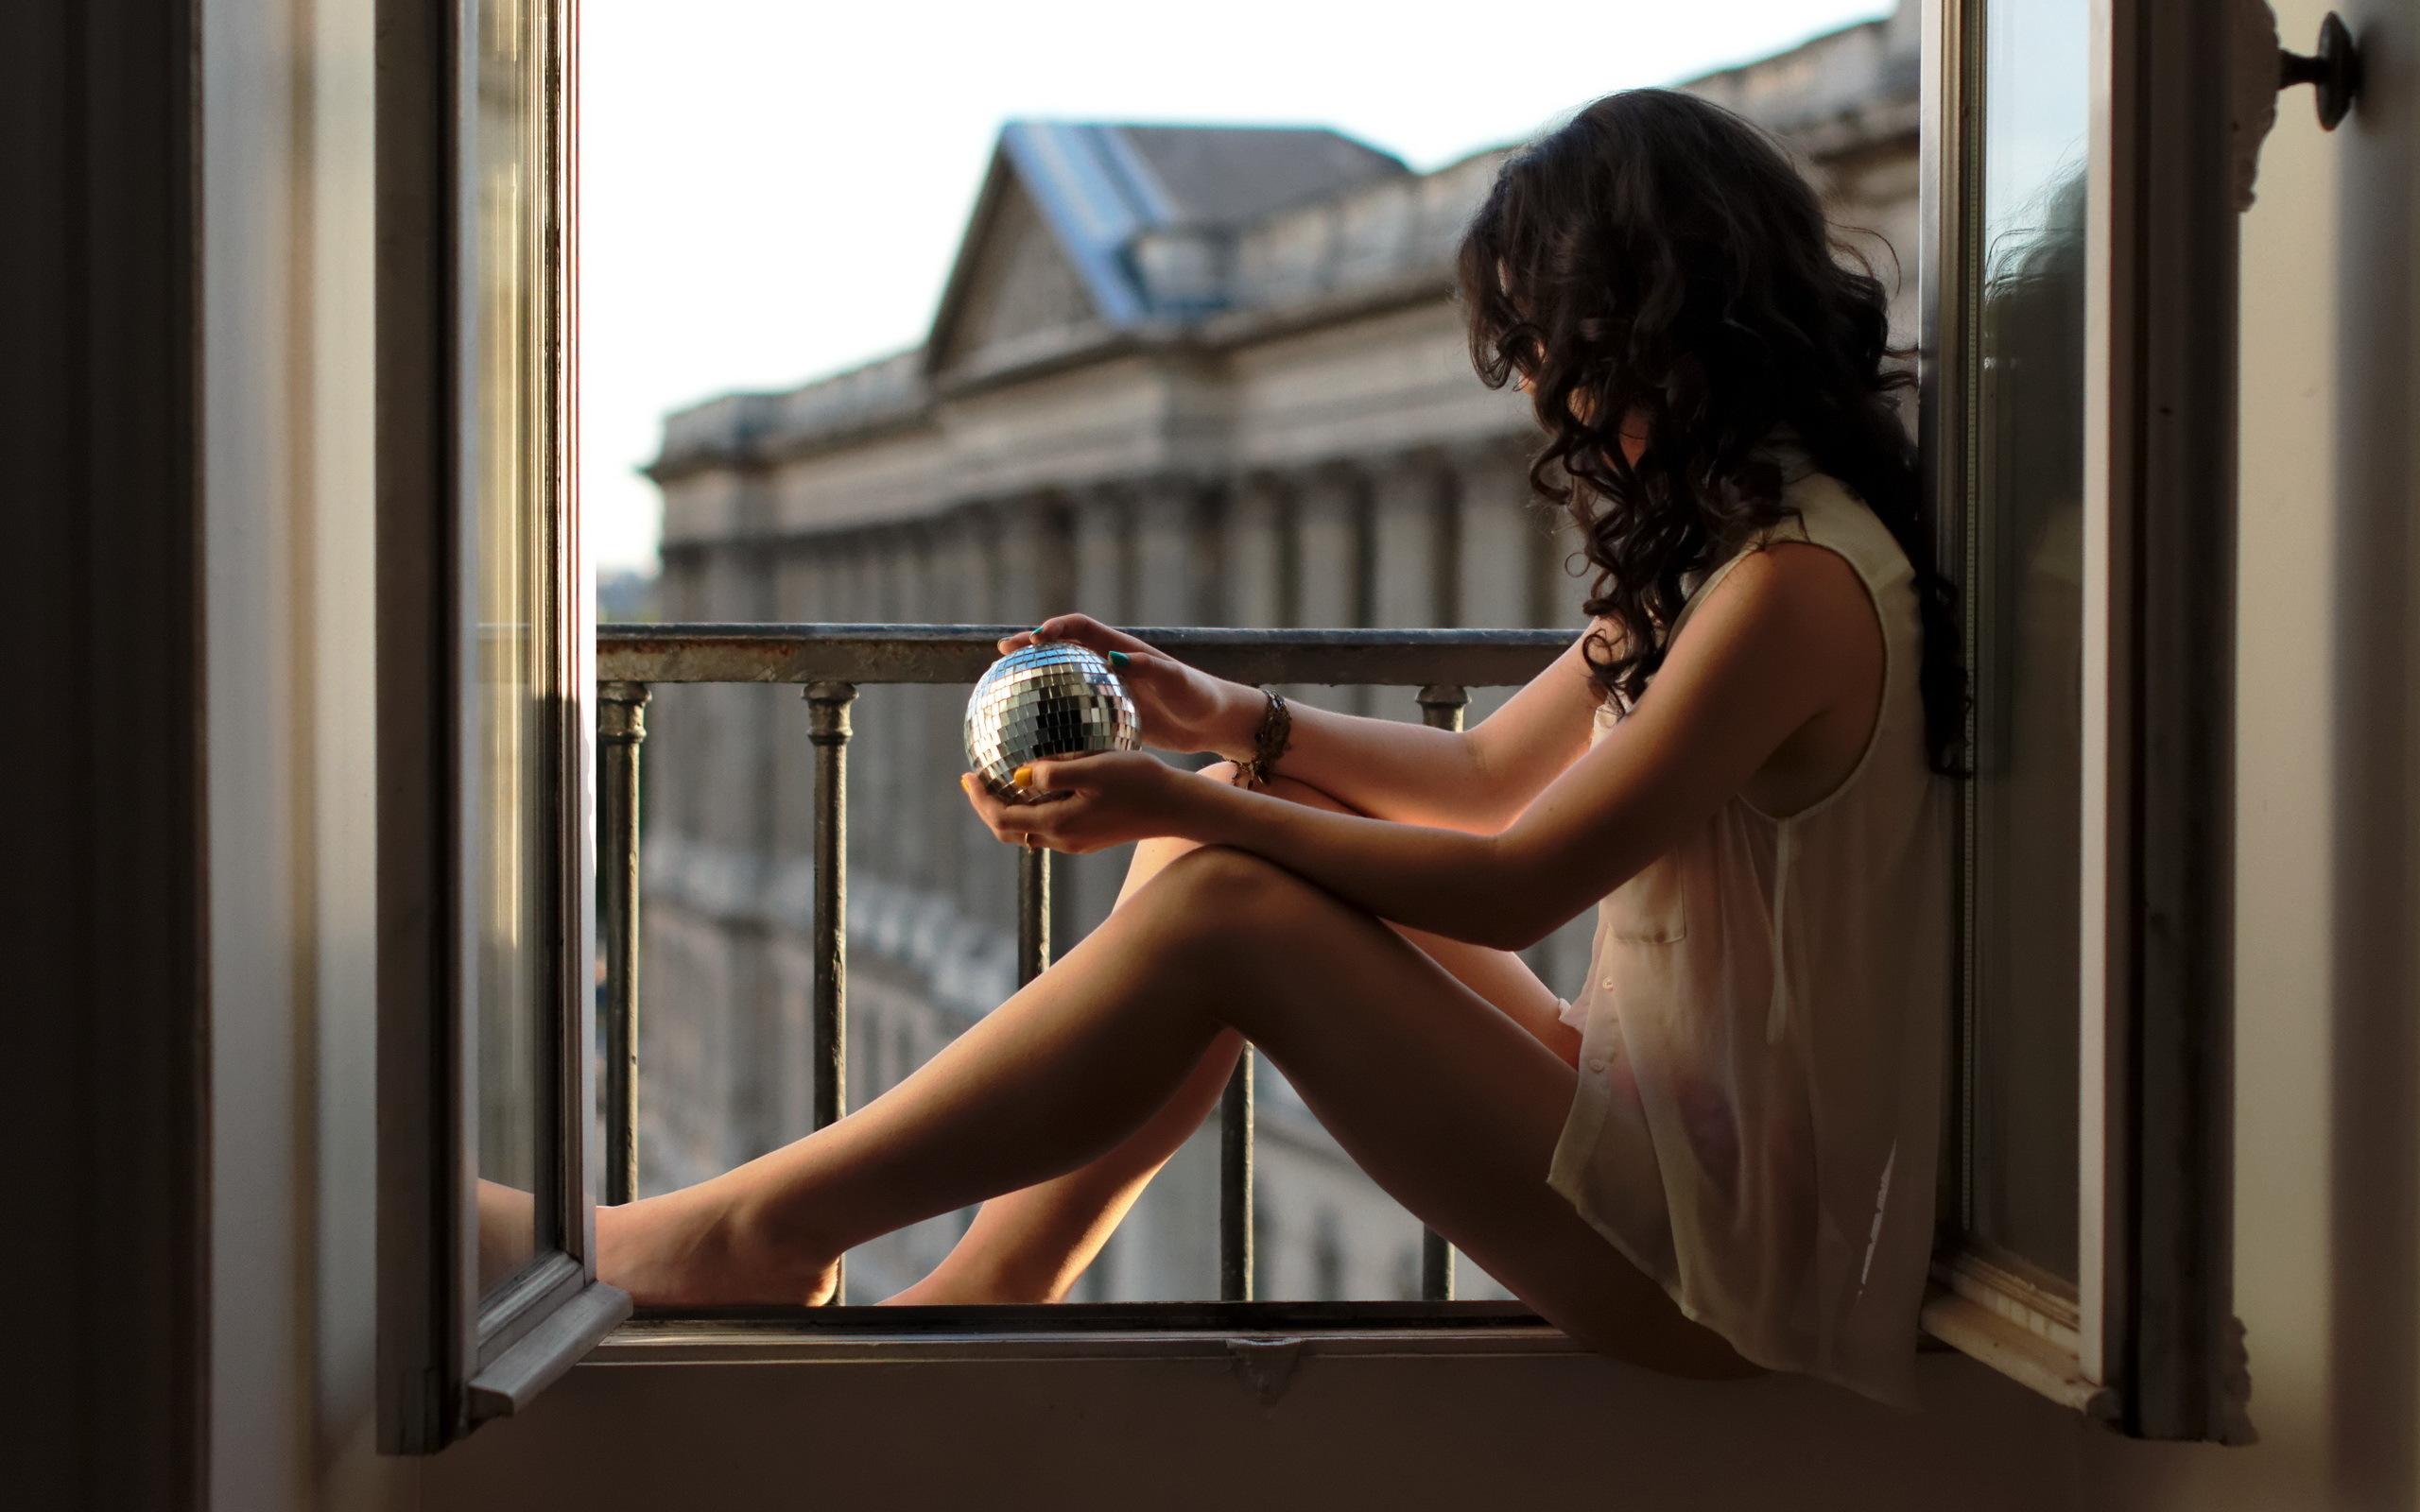 Картинка: Девушка, брюнетка, волосы, кудри, ножки, блузка, сидит, окно, стеклянный шар, ограждение, здание